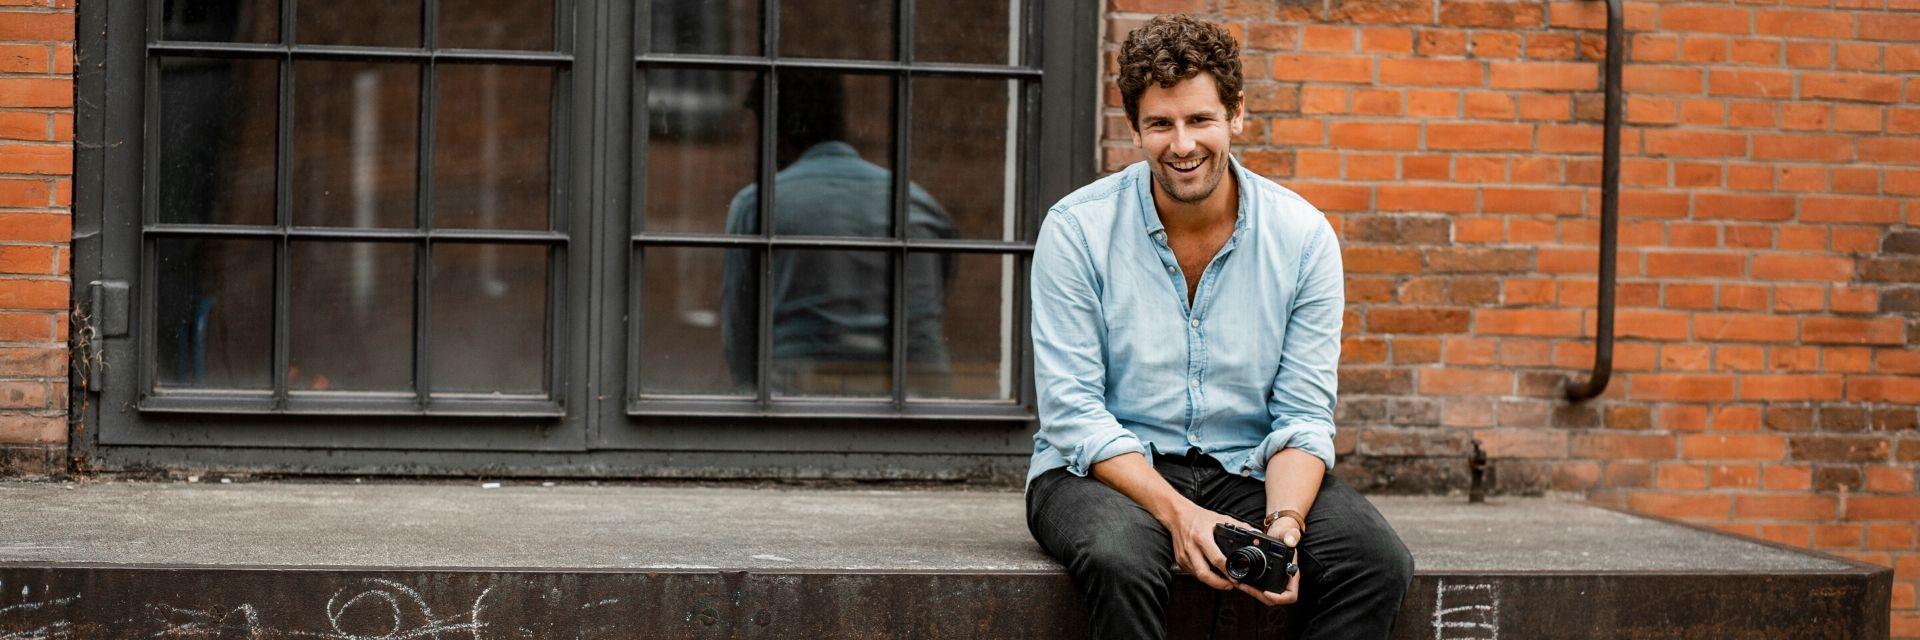 Fotograf und Pflegekraft: Thies und sein Projekt Gesichter der Pflege